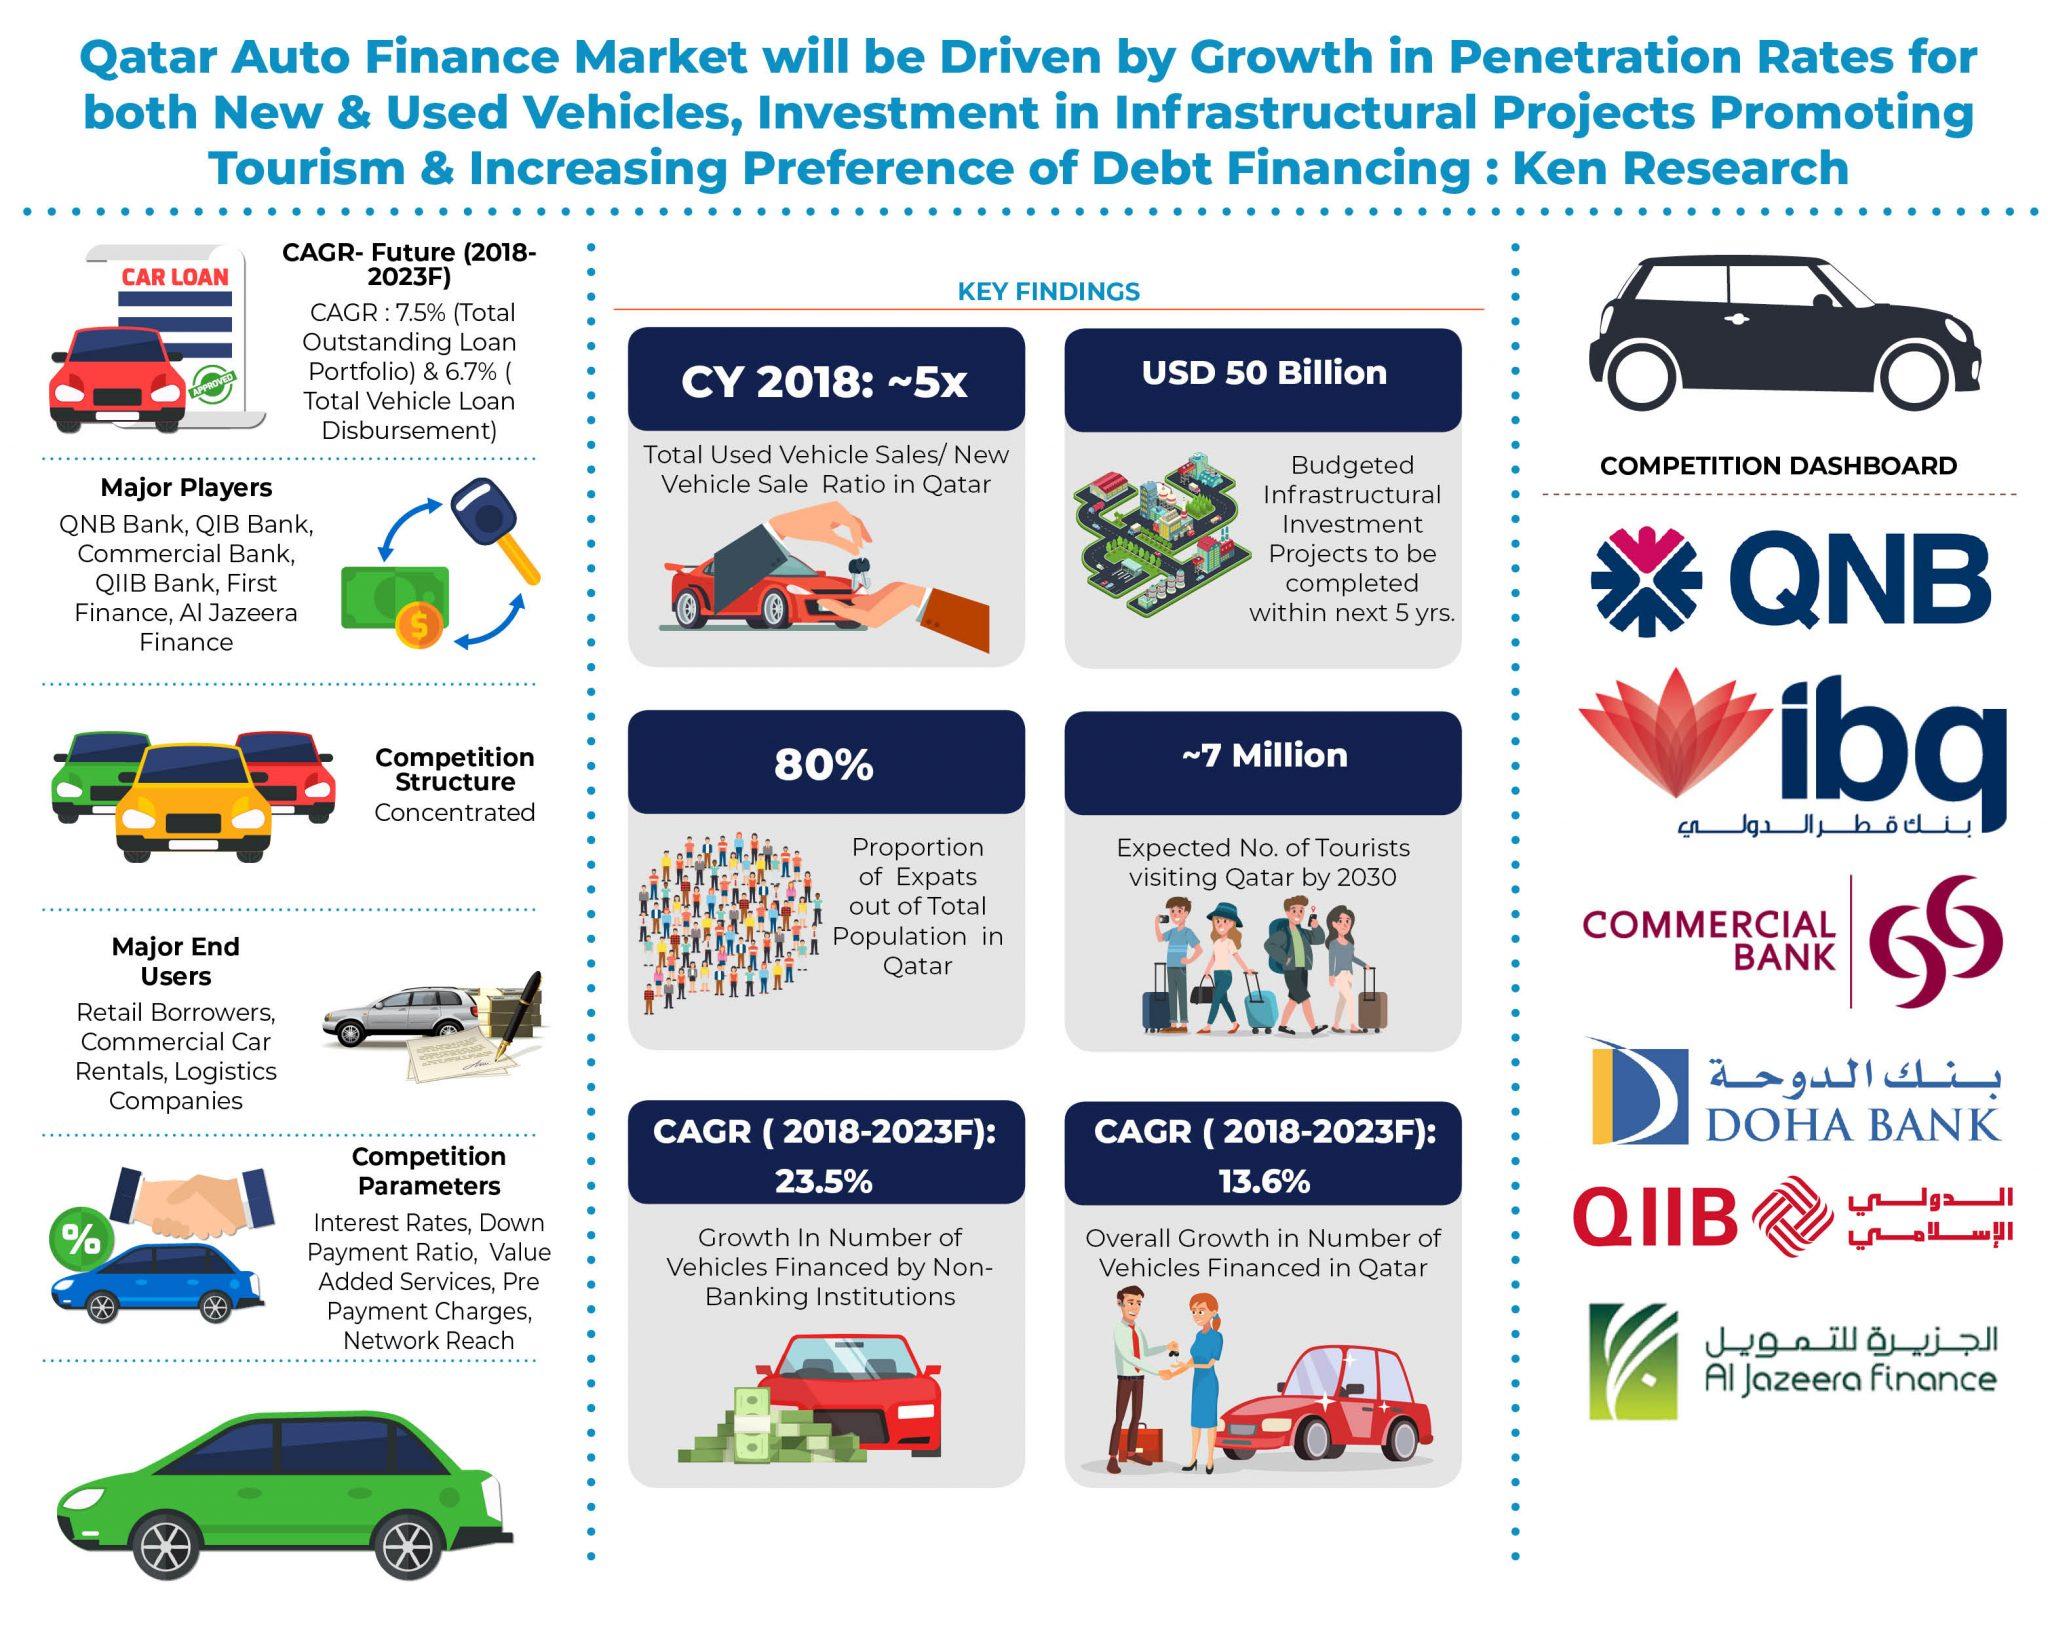 Qatar-Auto-Finance-Market.jpg